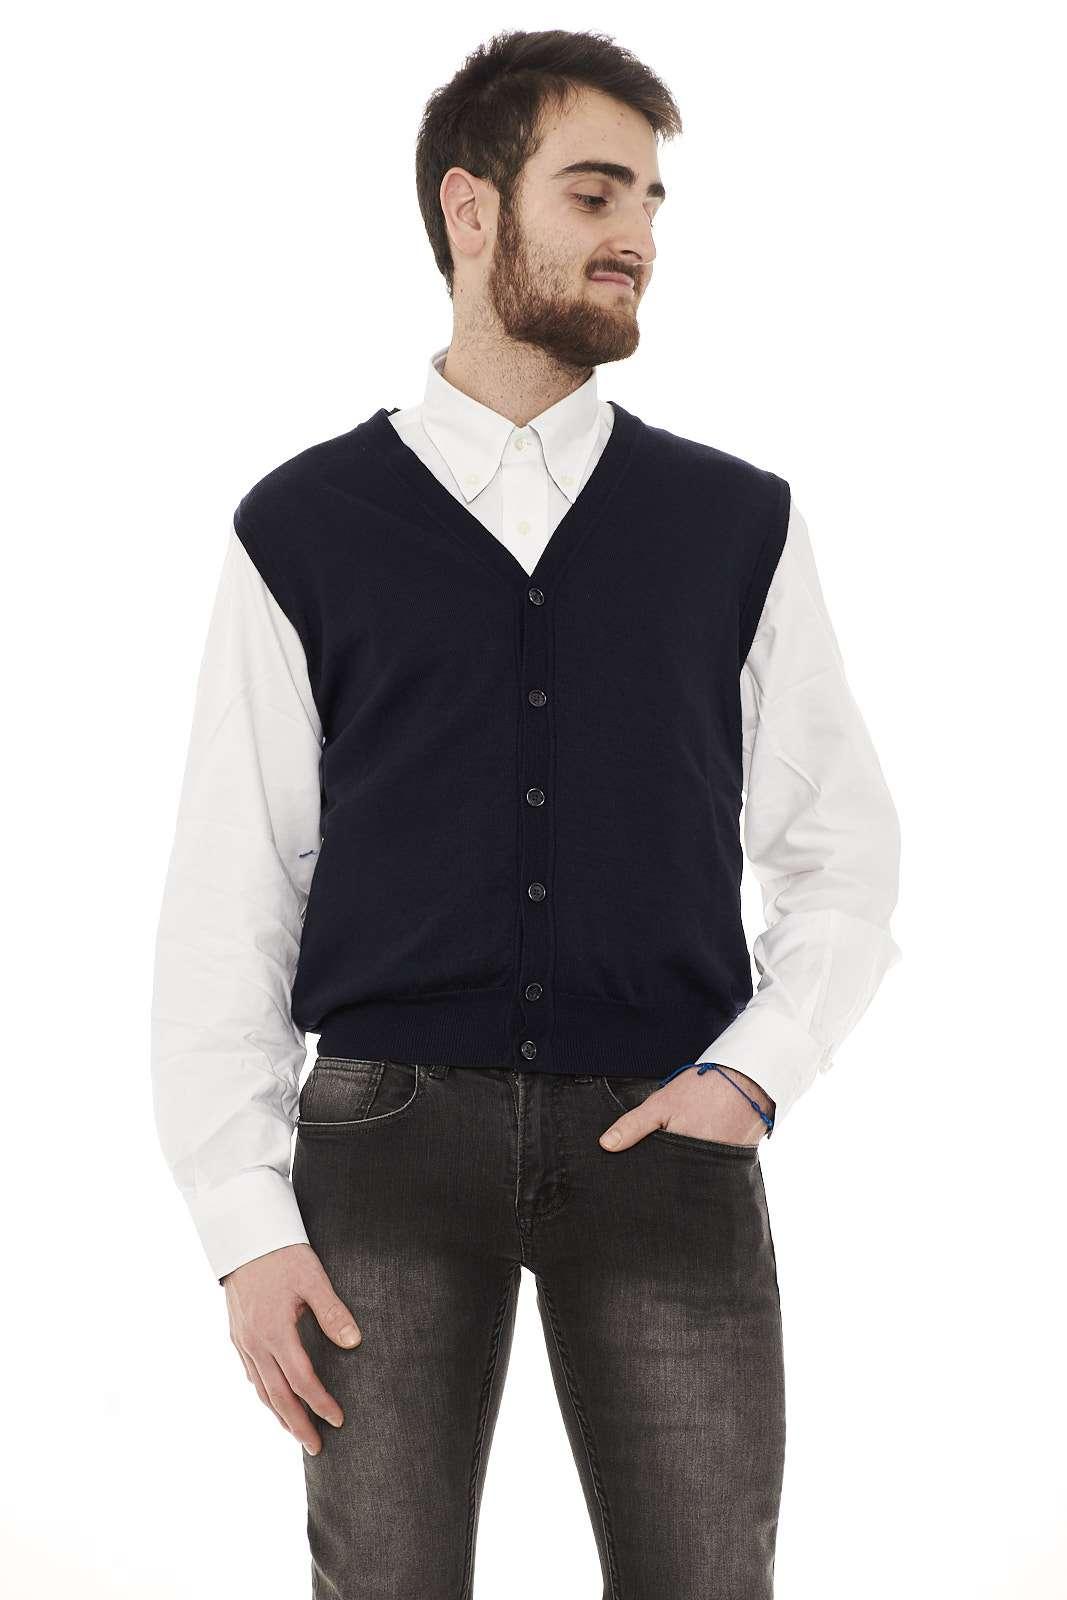 Cardigan smanicato, 100% lana vergine firmato Club 39, ideale con una camicia, per le occasioni più formali.